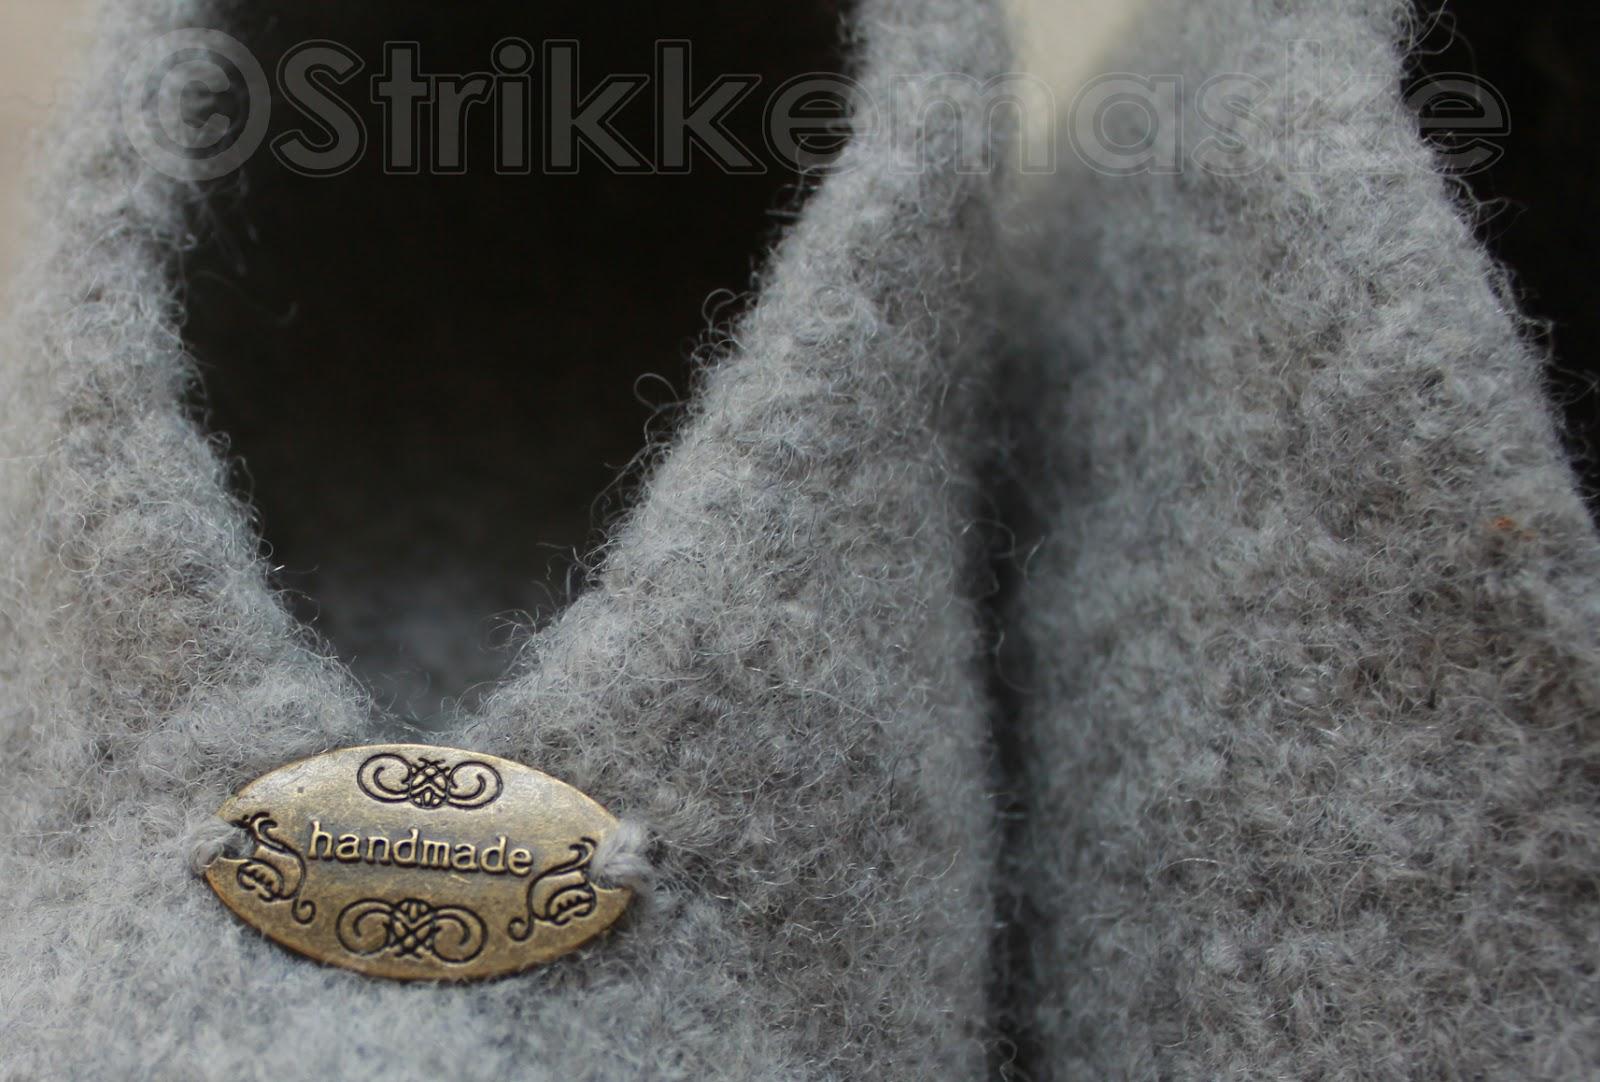 Tova tøfler med handmade merke av metall